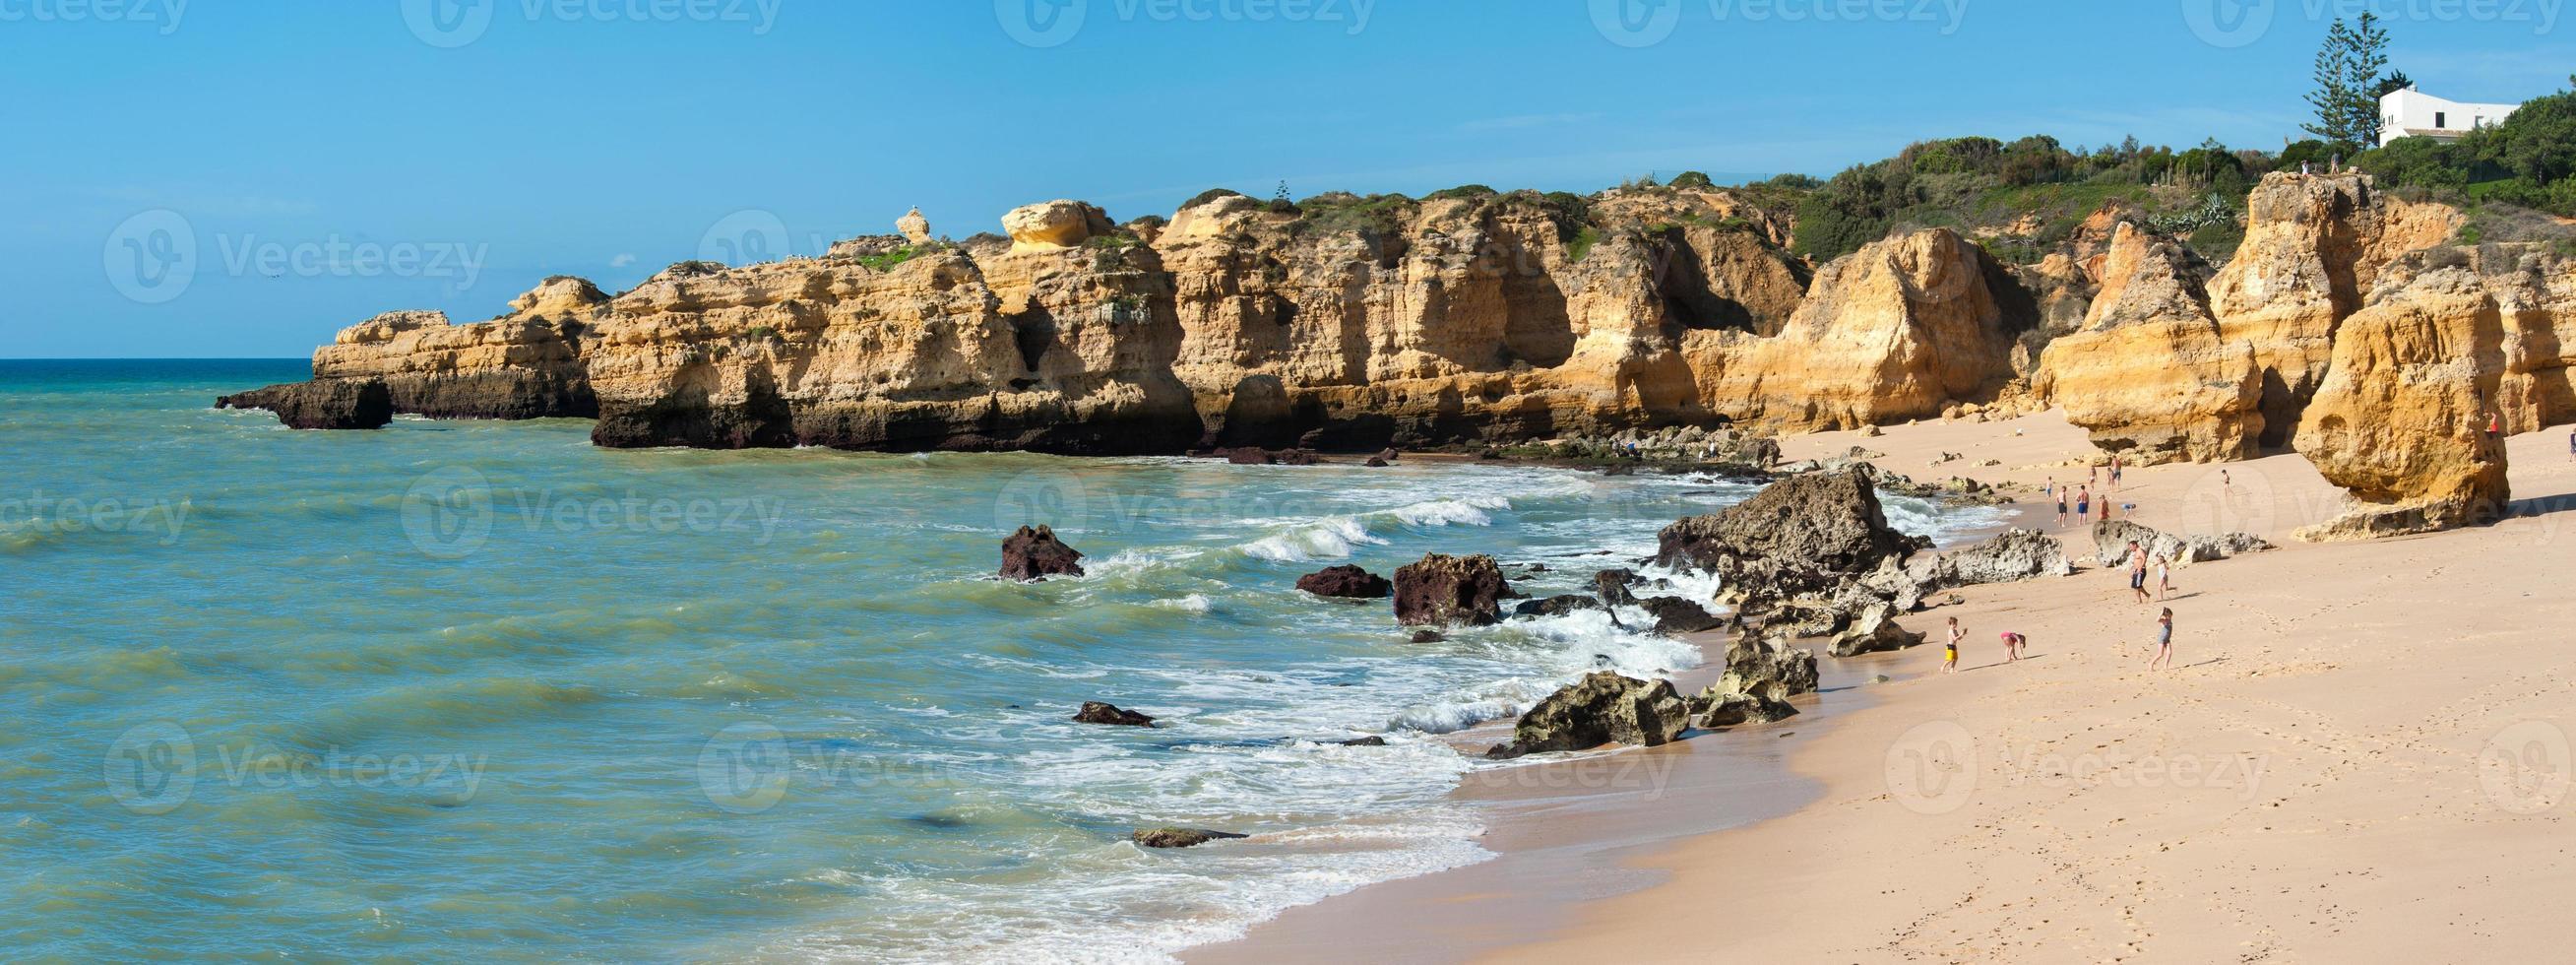 praia de são rafael, algarve, portugal foto